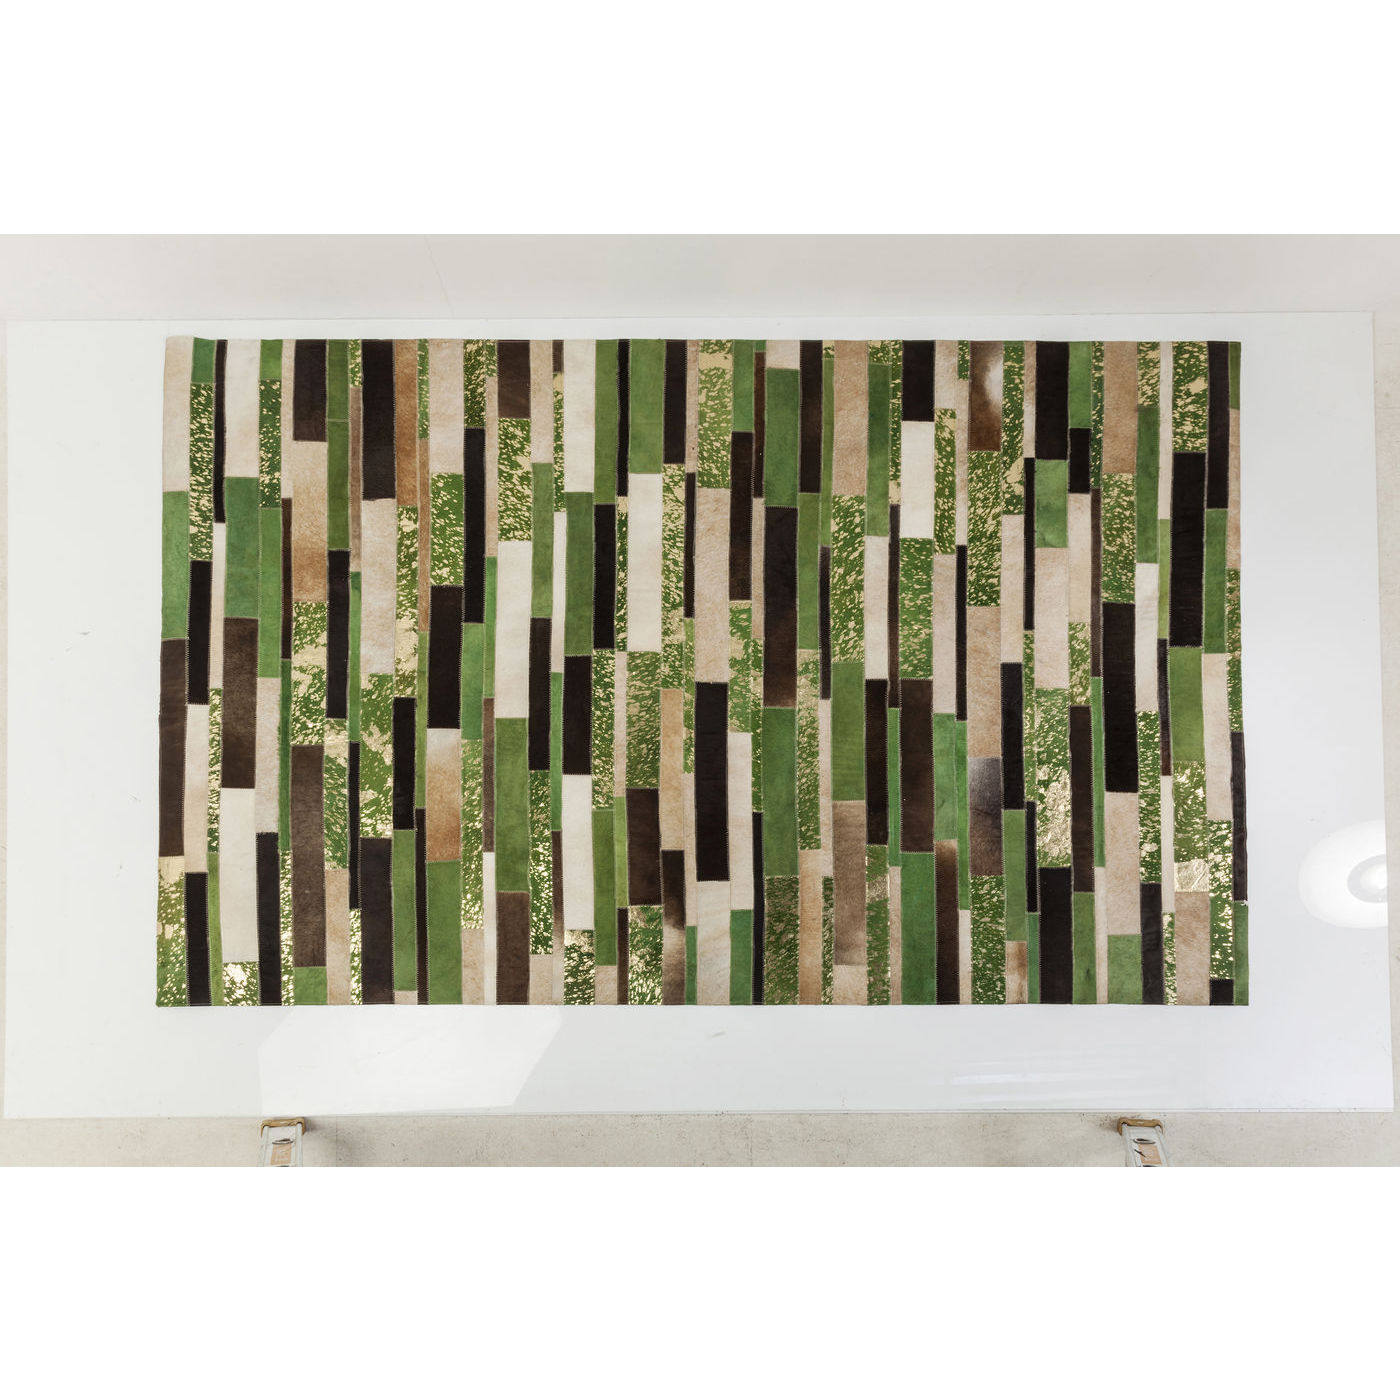 Billede af Kare Design Tæppe, Brick Green 170x240cm